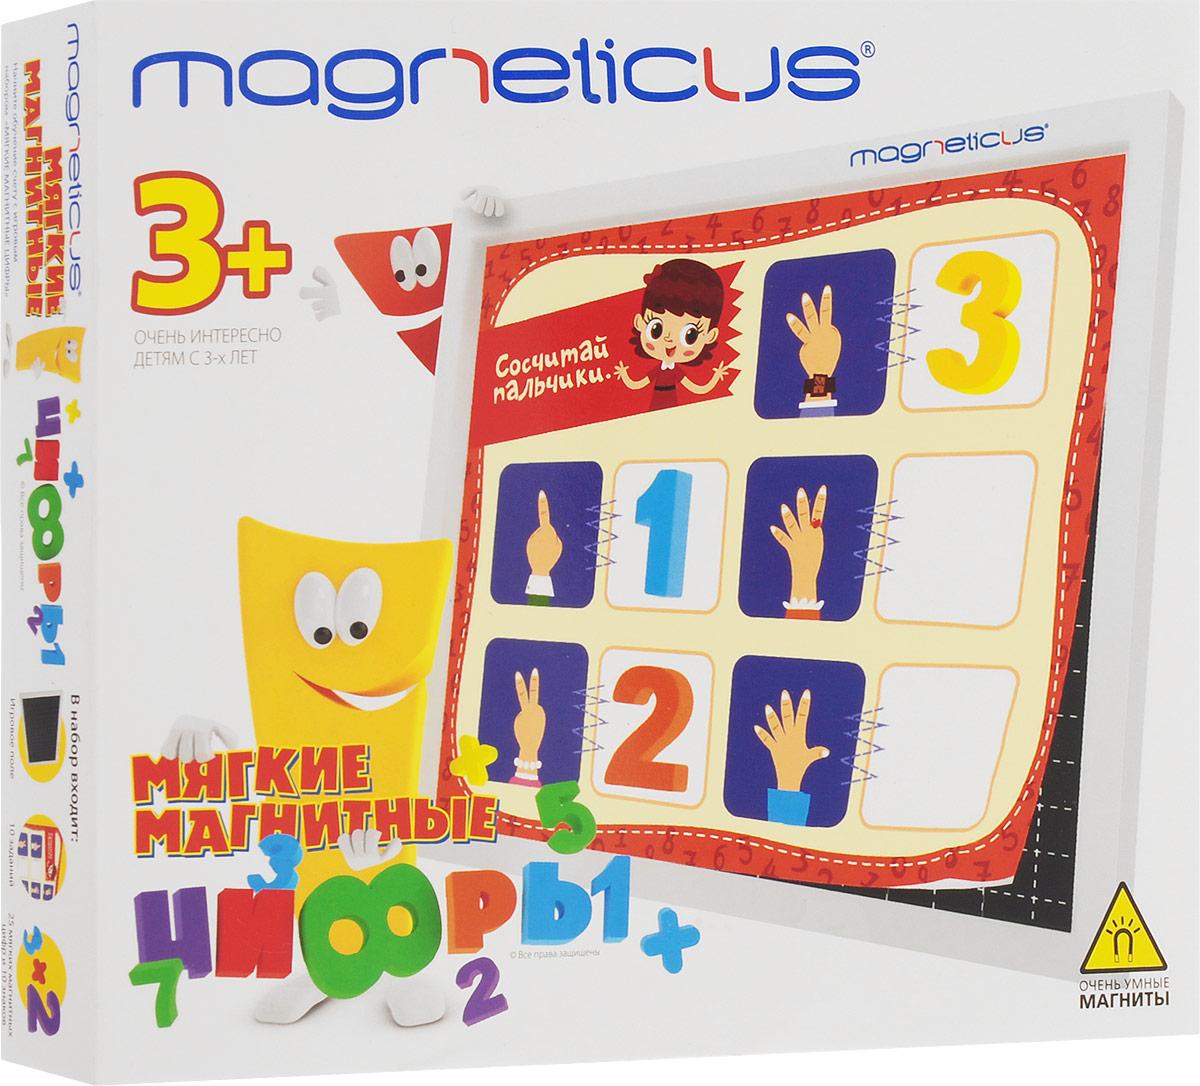 Magneticus Обучающая игра Мягкие магнитные цифры настольная игра magneticus магнитные цикады шар sm 20bl